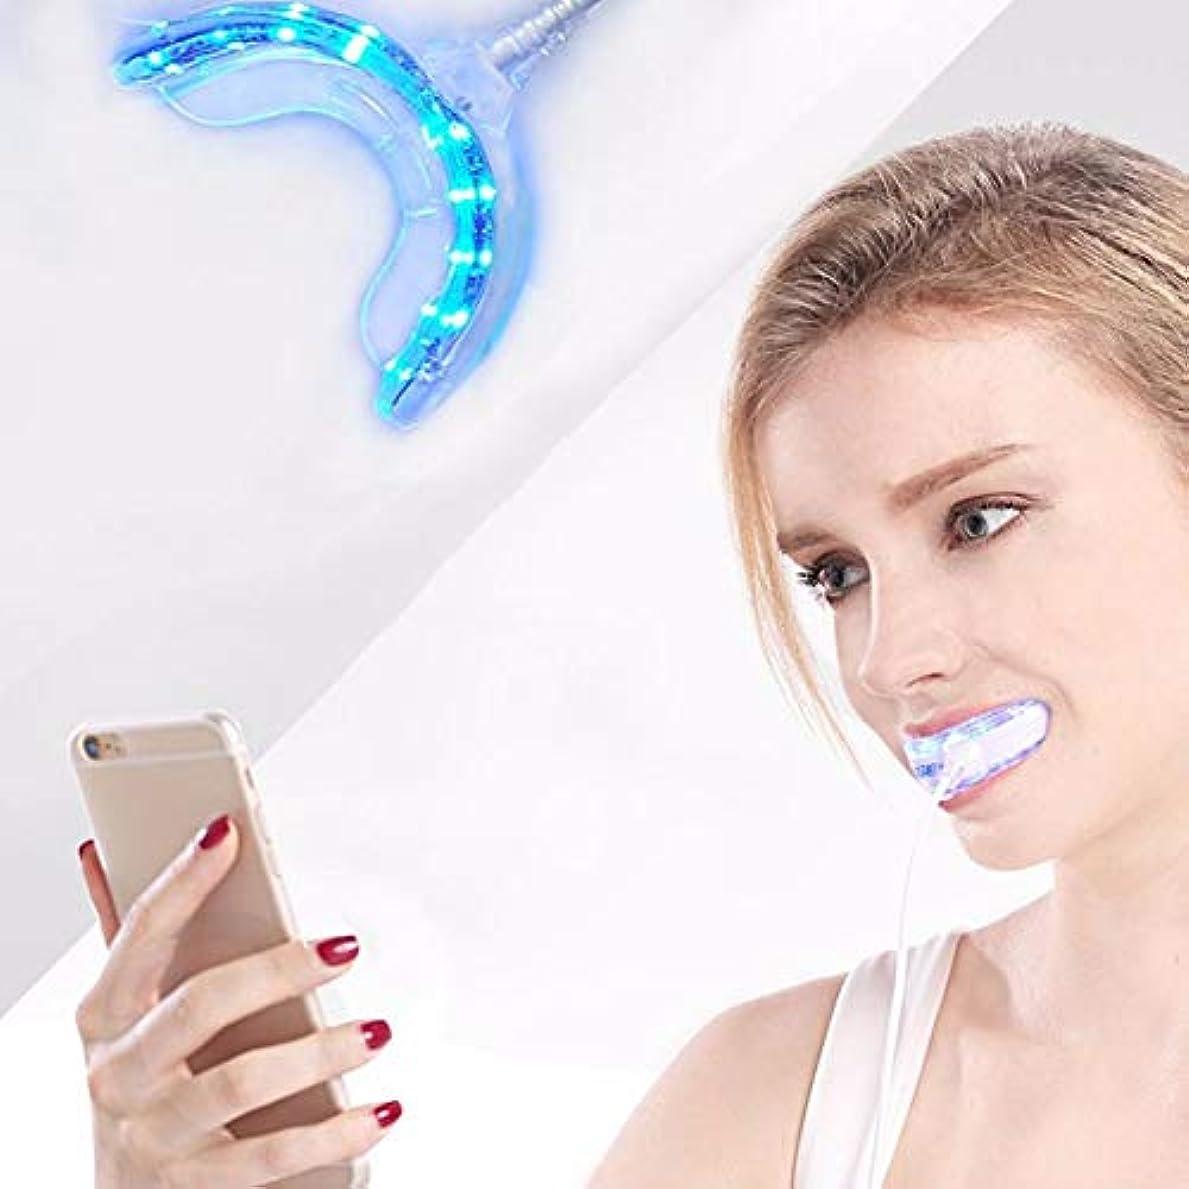 カメラ有毒インターネット人間の特徴をもつIOSの歯科漂白システム防水歯を白くするための装置3 USB港を白くする携帯用スマートなLEDの歯